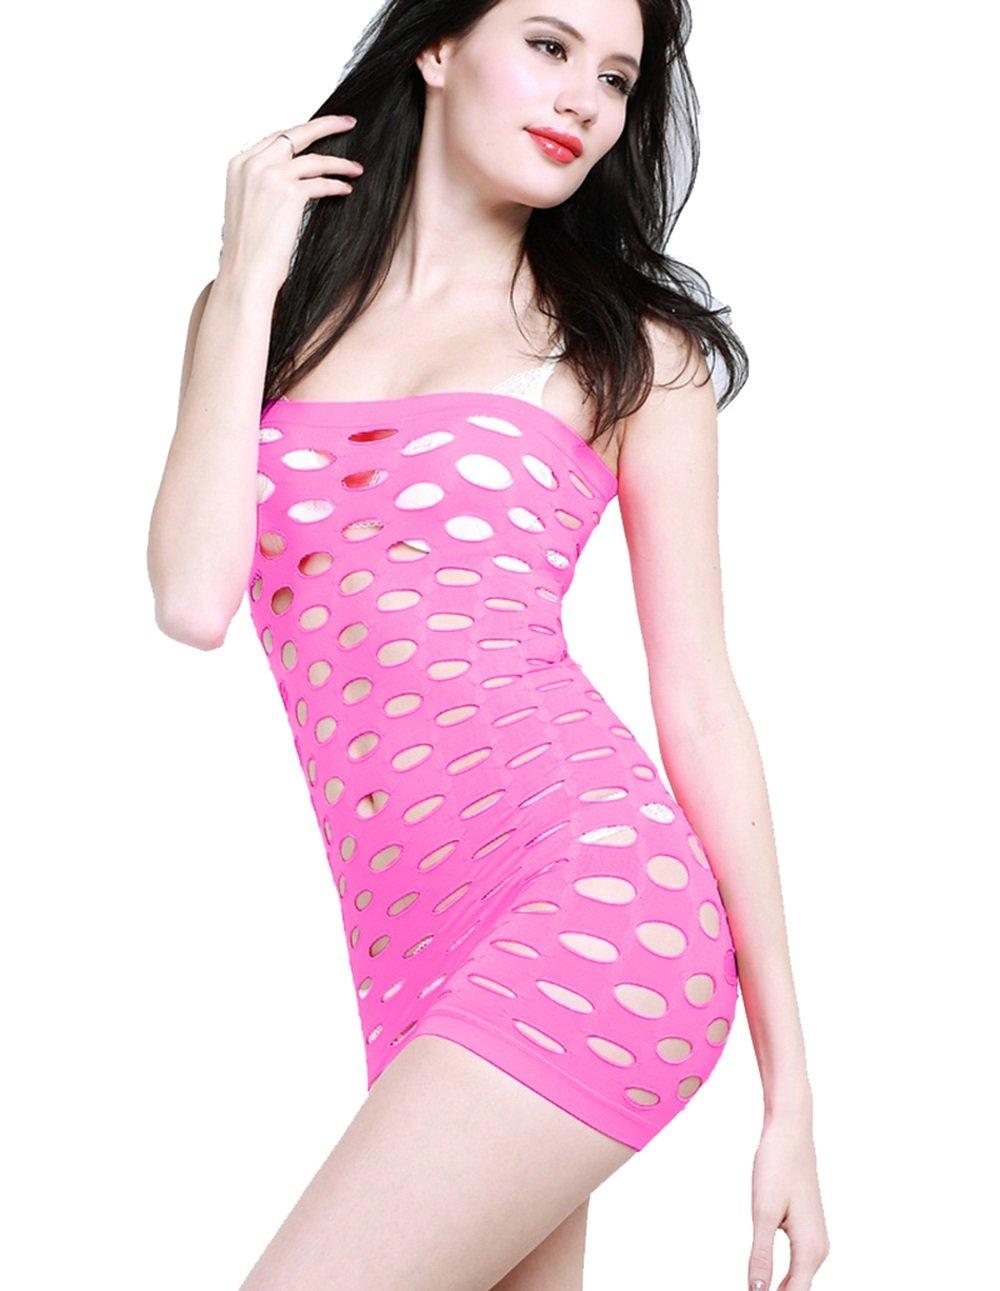 Ropa interior sexy, ropa de rojo de piezas piezas de de mujer, abrir archivo burlarse de camisón de cadera abierto bolsa de esqueleto apretado, revestimiento ajustado perfecto (Color : Rose rosado) c916ee